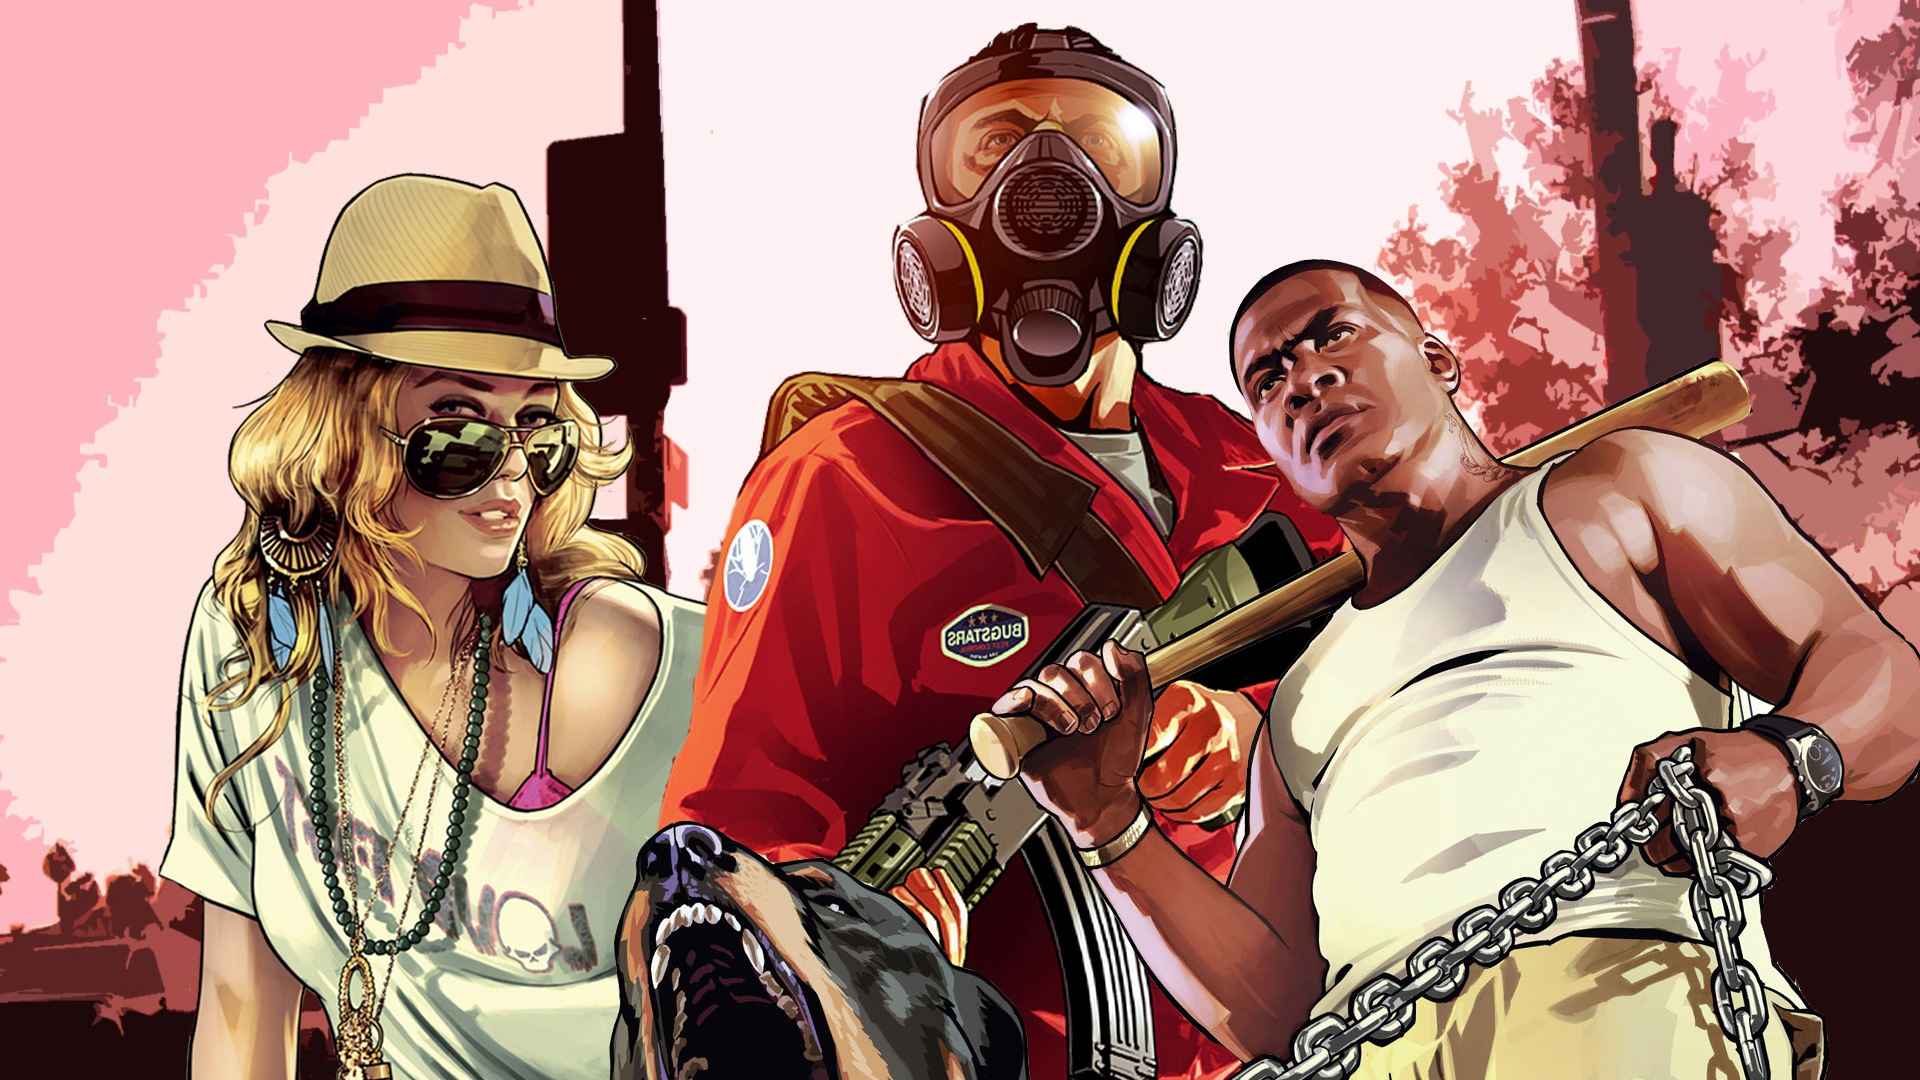 Grand Theft Auto V Gta 5 Fonds D Ecran De Jeux Hd 12 1920x1080 Fond D Ecran Telecharger Grand Theft Auto V Gta 5 Fonds D Ecran De Jeux Hd Jeu Fond